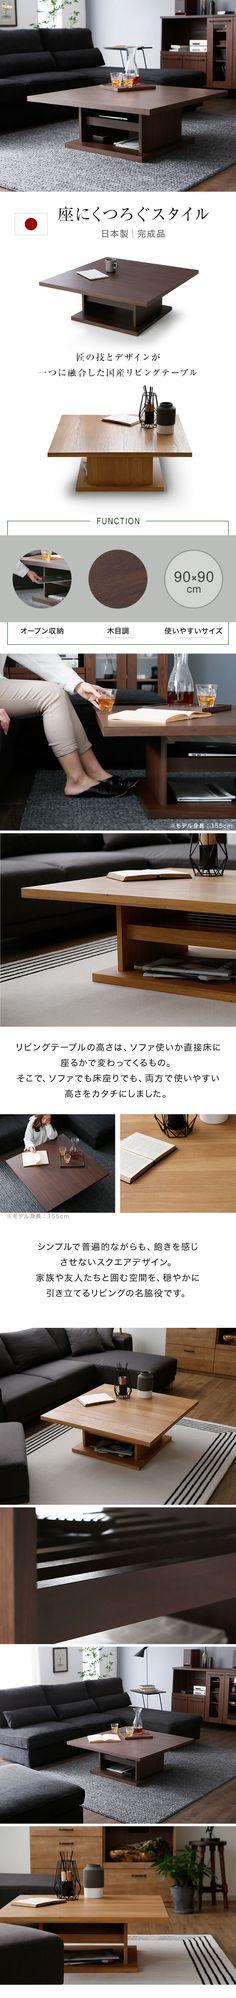 センターテーブル 国産 リビングテーブル 日本製。センターテーブル センター テーブル 国産 リビング リビングテーブル 木目調 収納 日本製 一人暮らし 1人暮らし ワンルーム コンパクト 新生活 送料無料 送料込